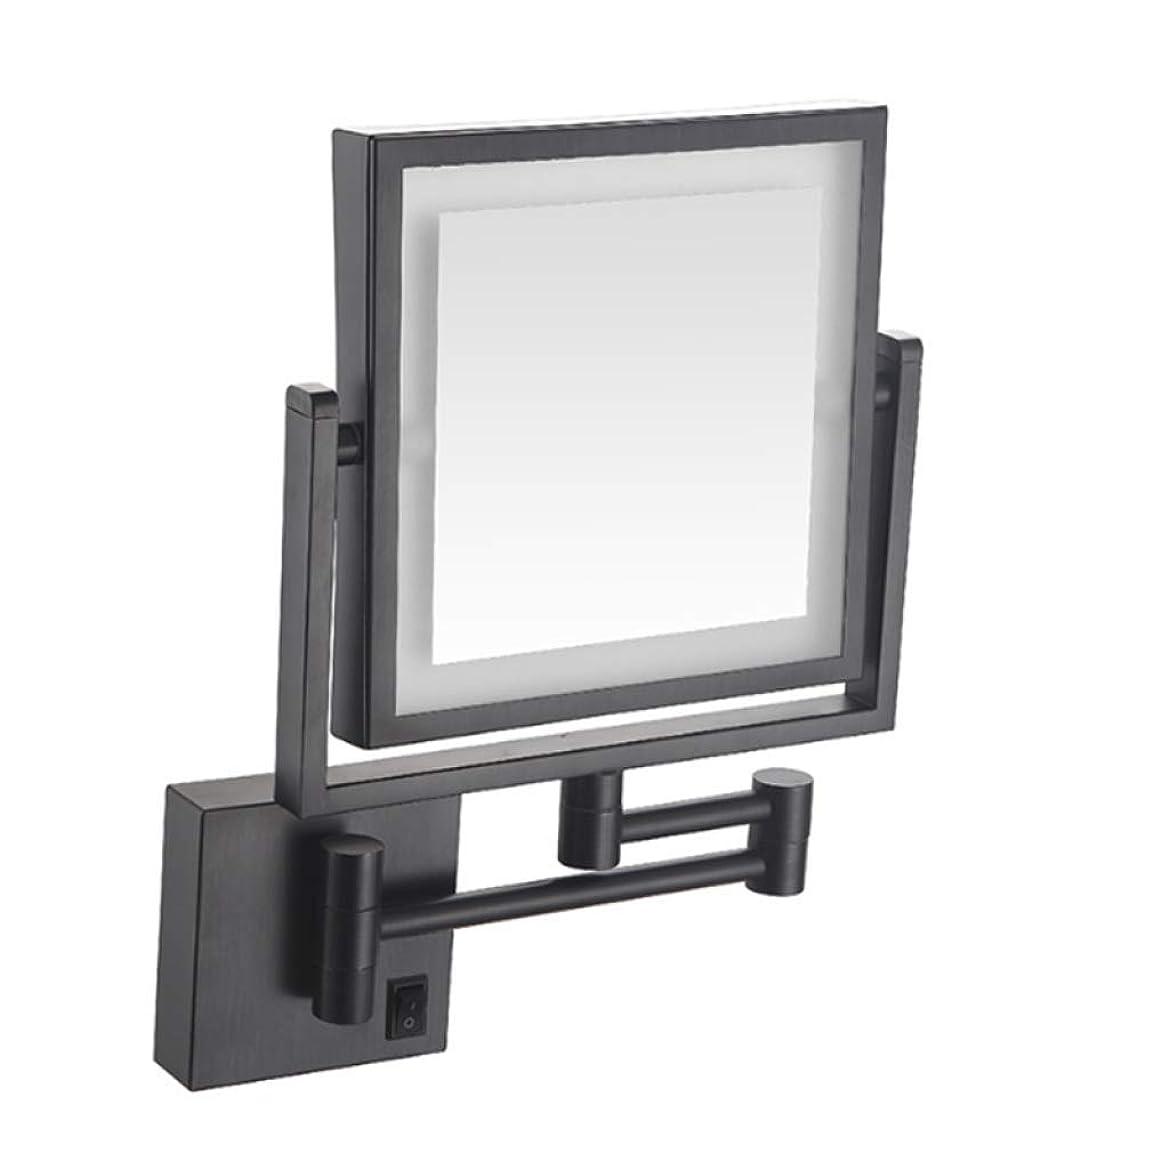 達成する聖歌完全にALYR LEDが点灯 化粧鏡/化粧鏡、両面 化粧鏡 壁掛け式 バスルームミラー 3 ズームイン 化粧鏡 360°回転有線接続,Black